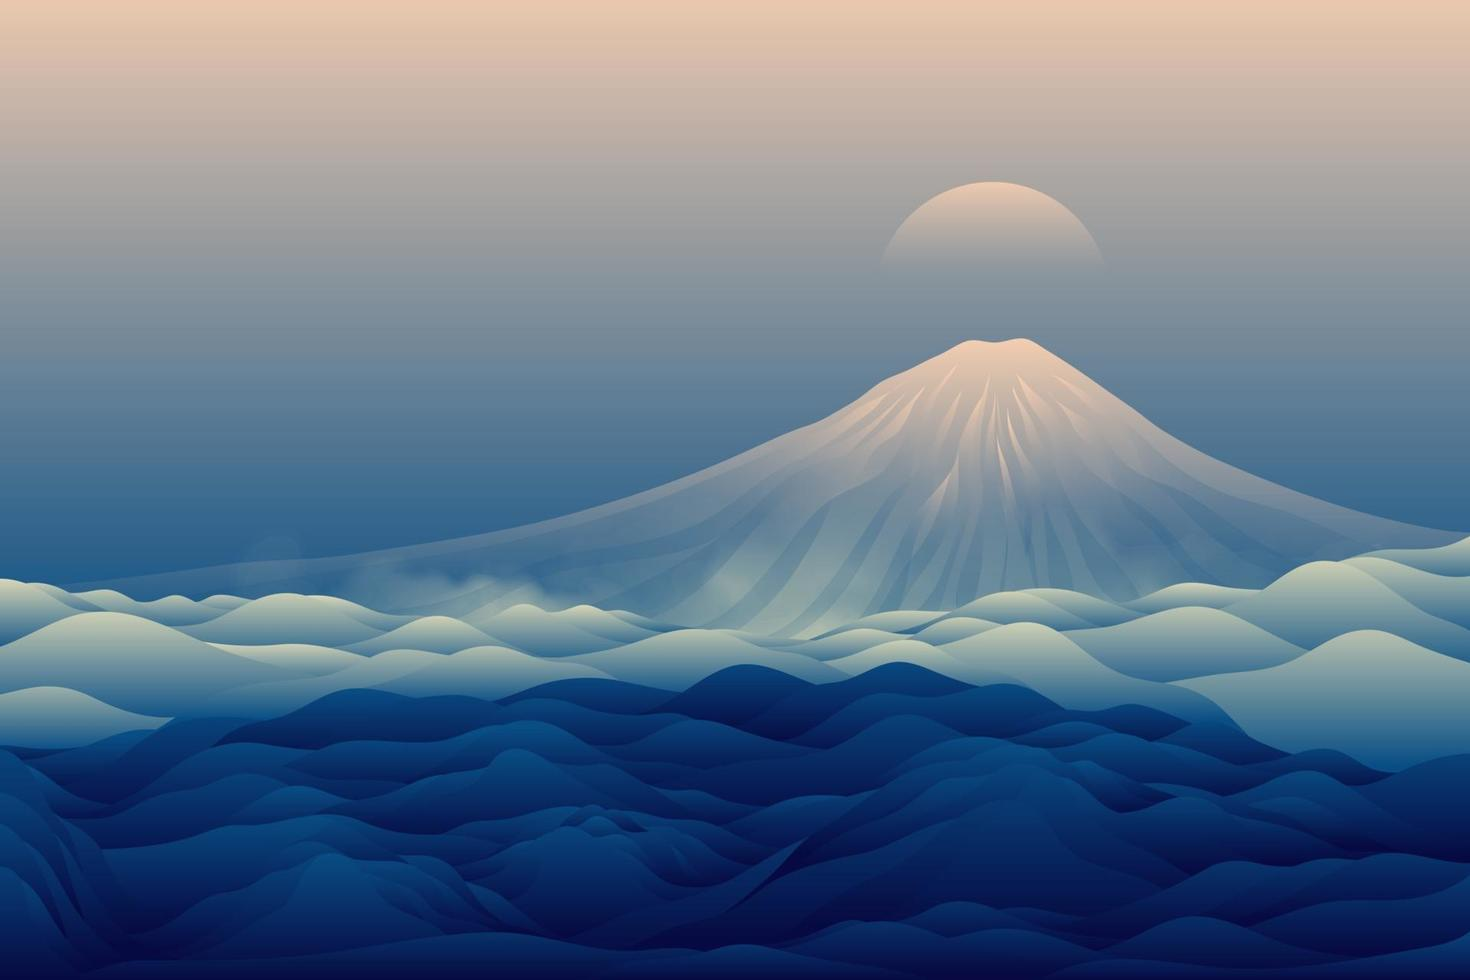 blå bergslandskap bakgrund vektor